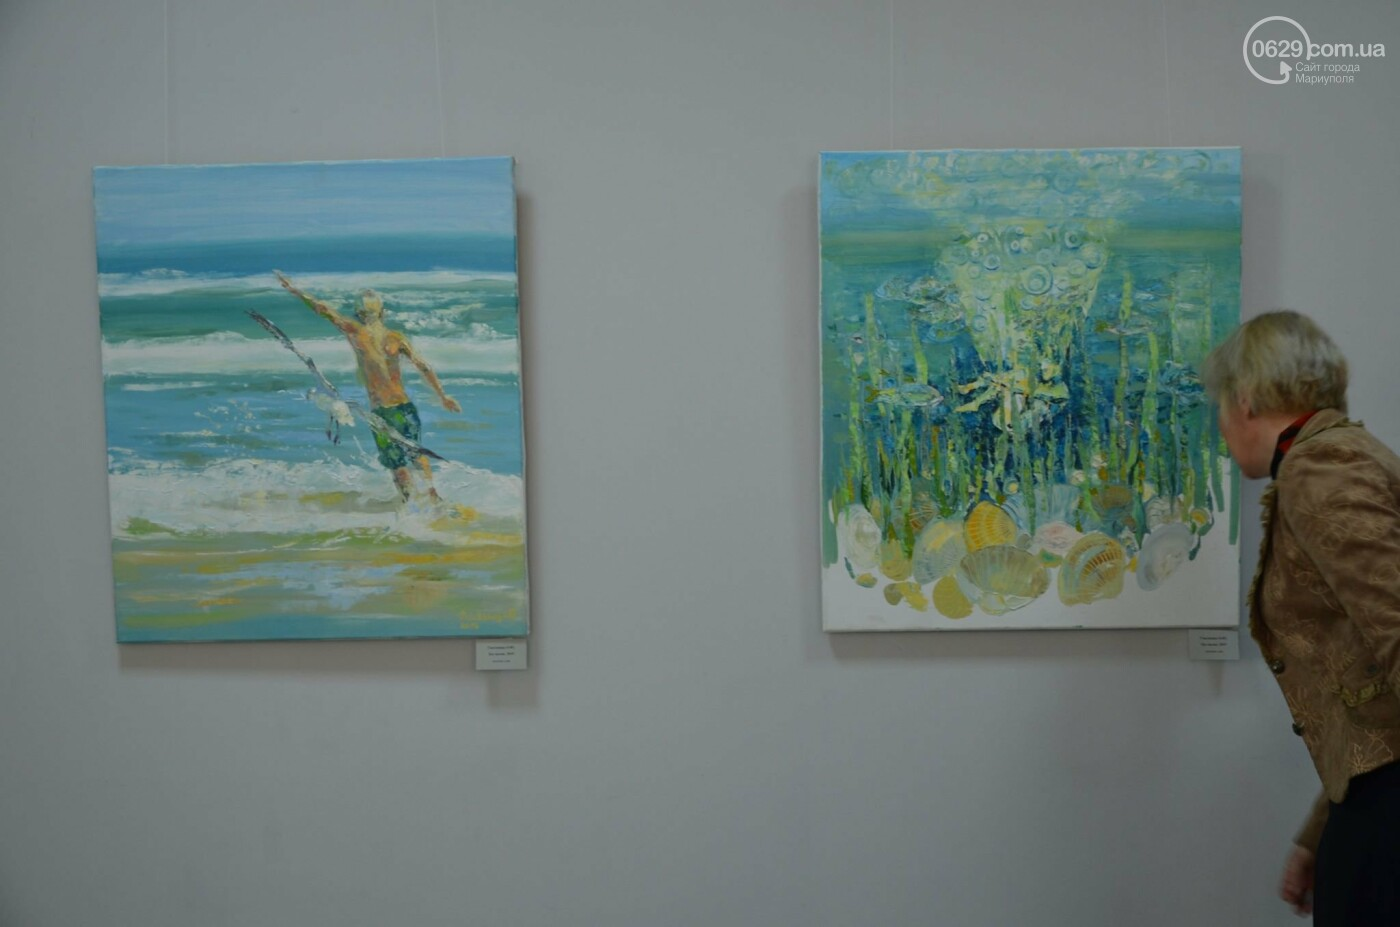 Золото на черном. Мариупольская  художница  Оксана Гнатышин  представила картины в авангардном стиле,-   ФОТО, фото-3